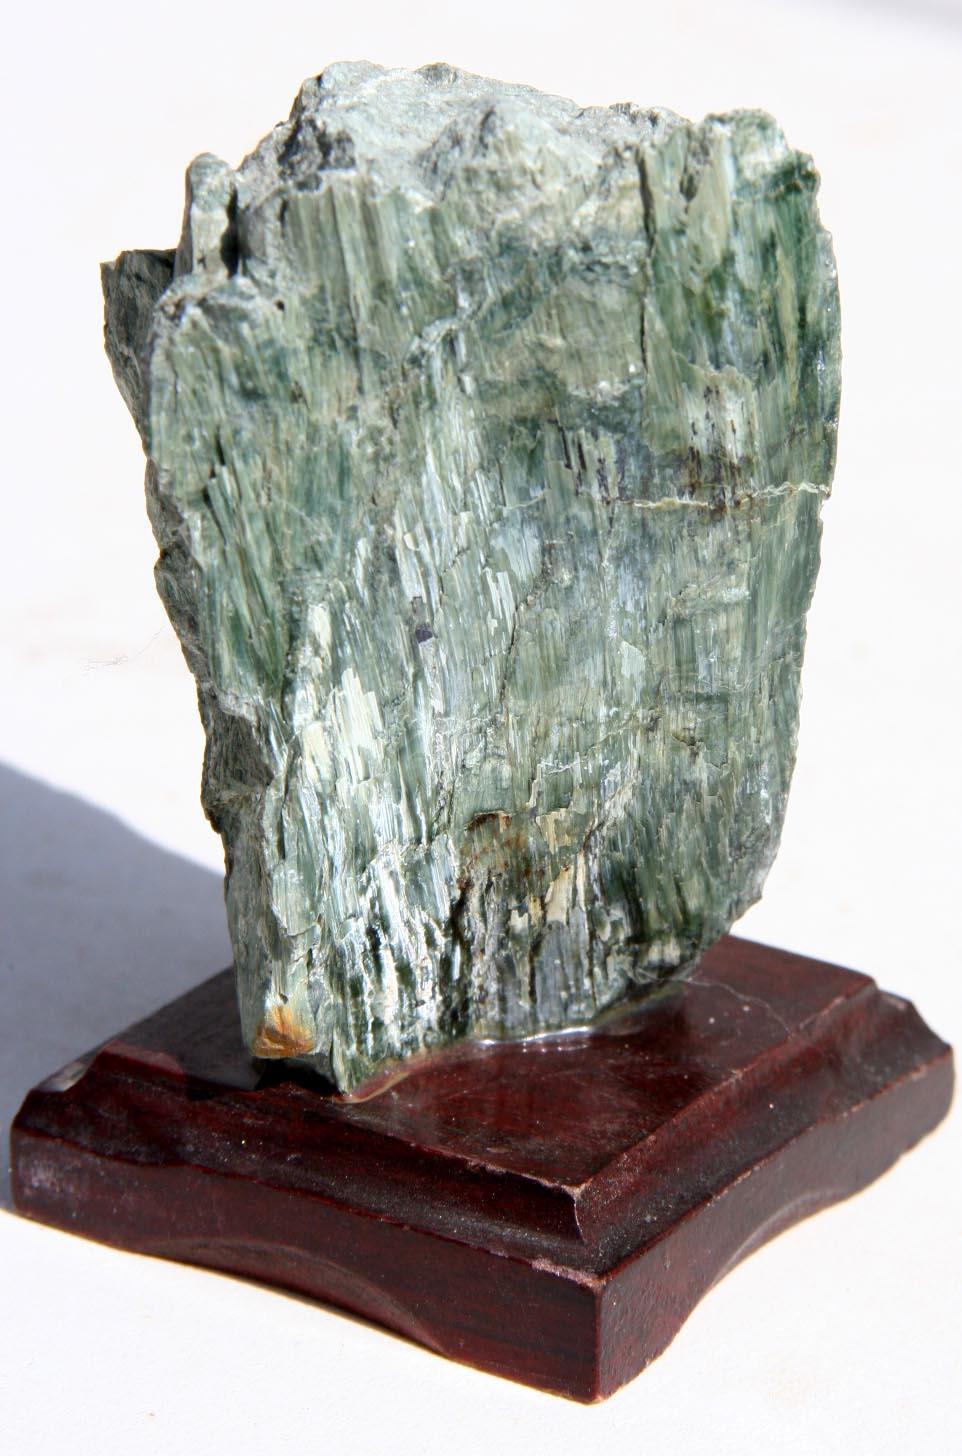 מושבה של אפידוט גולמית בצבע ירוק-אפור בהיר. מהאוסף של אומנות ורוח www.art-with-spirit.com צילום: גל אבירז